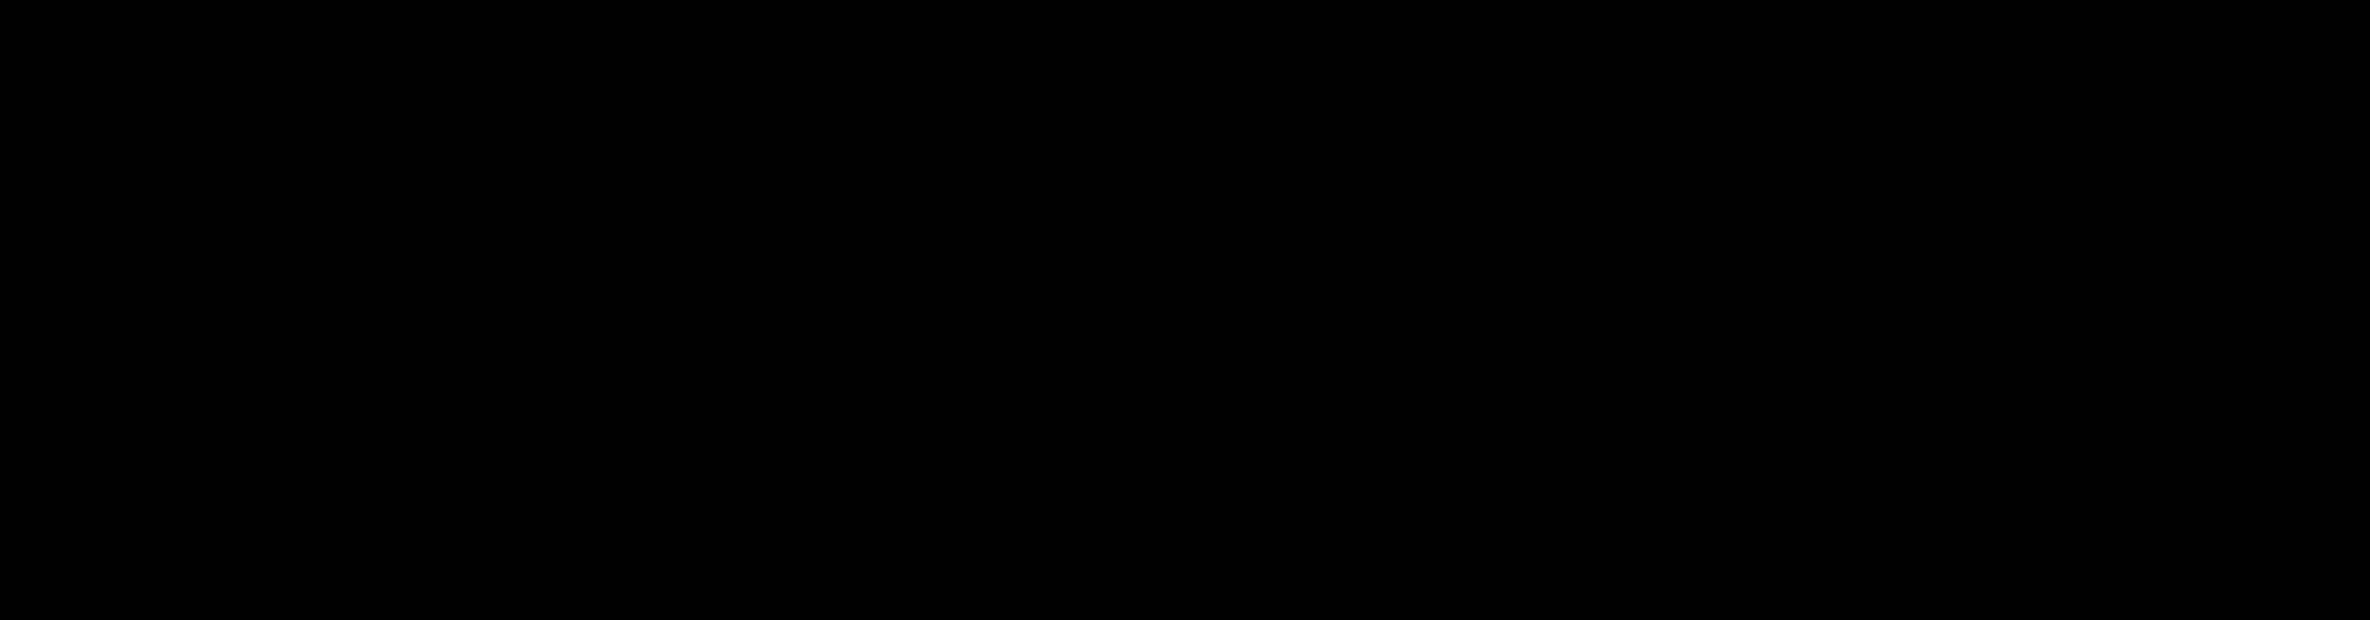 O6-[4-(10-Azido-2, 5, 8-trioxadecanyl)benzyl]guanine